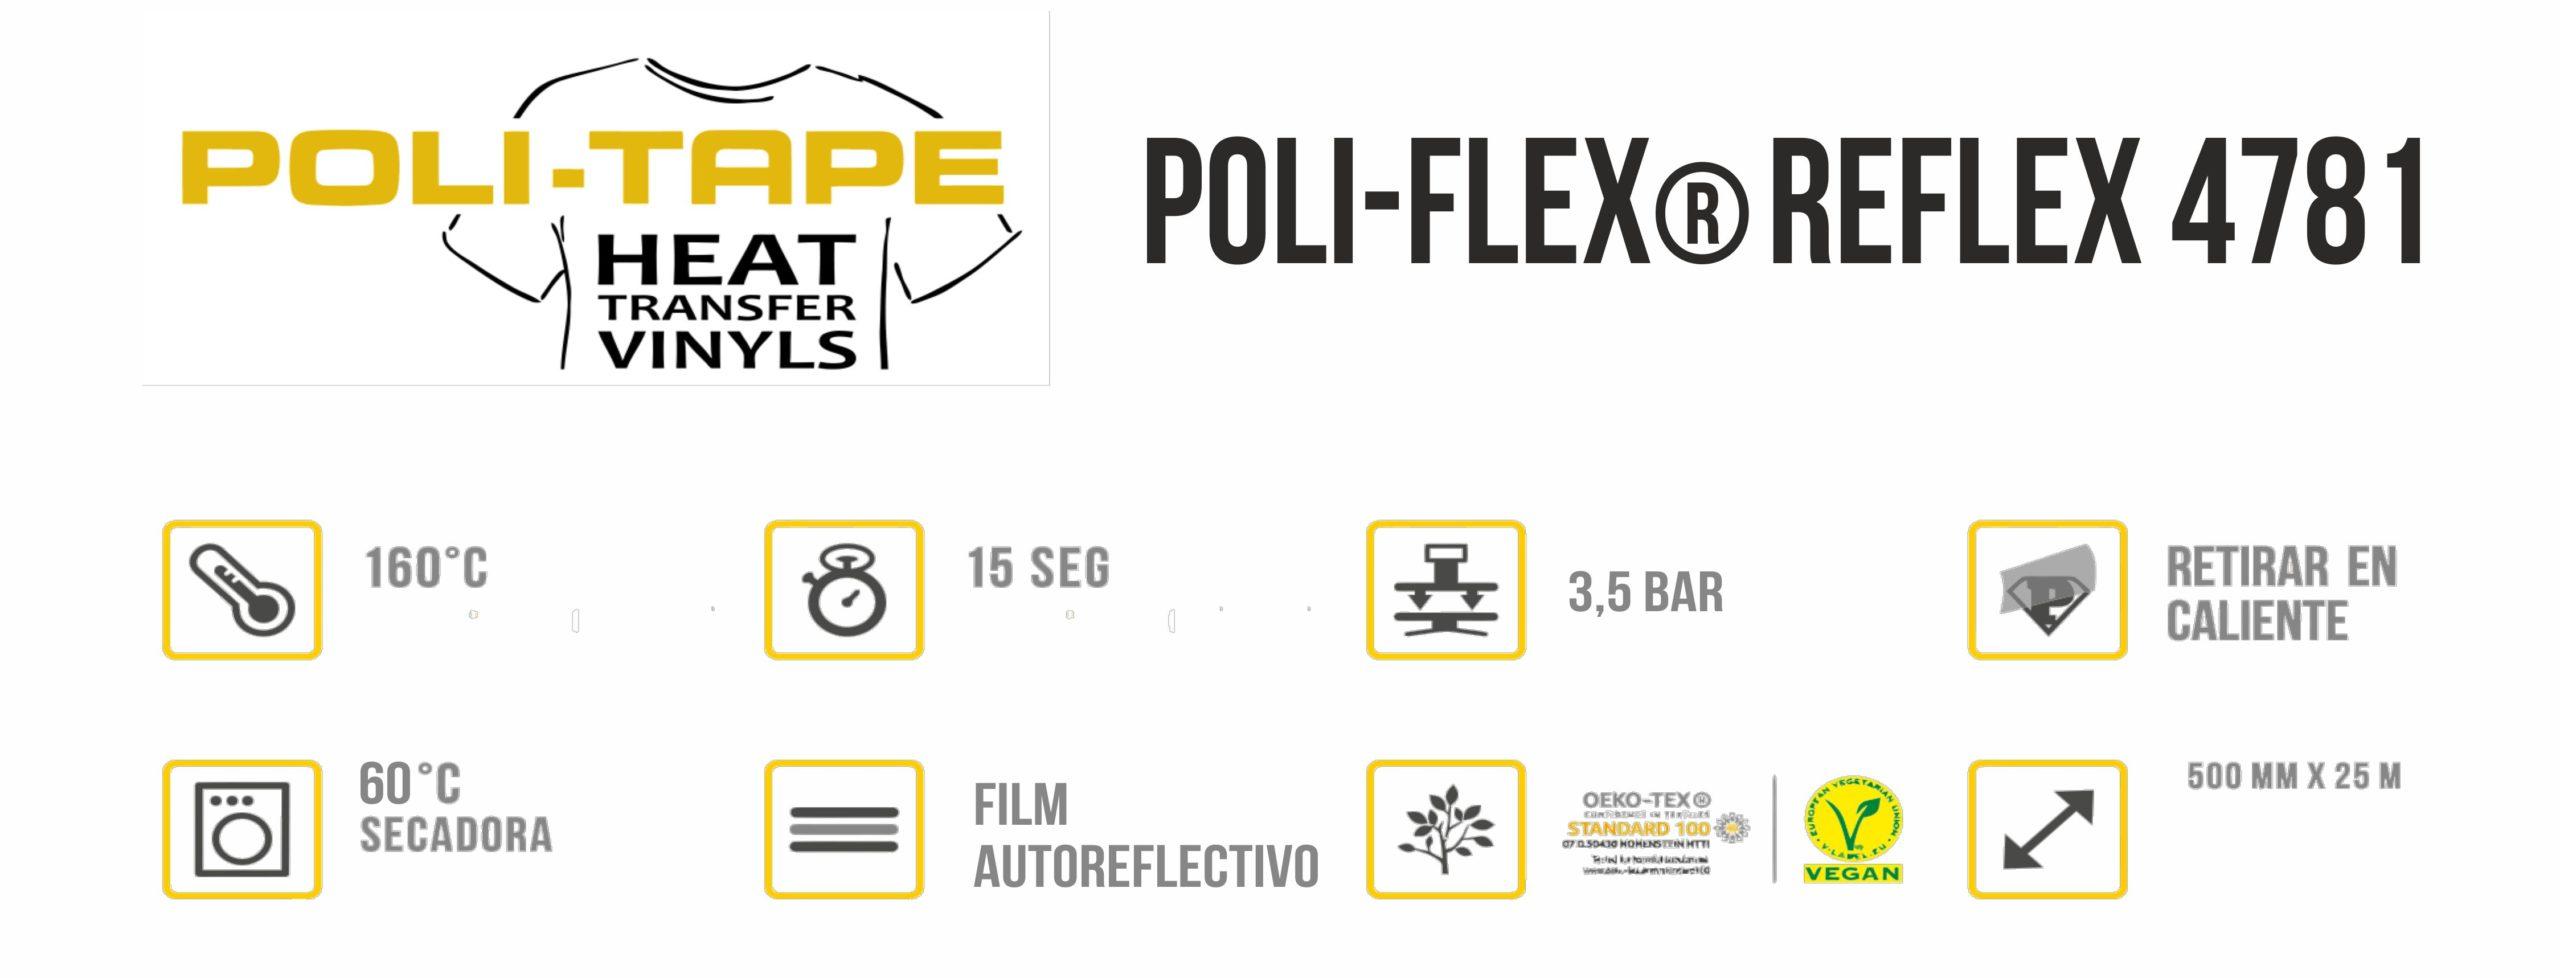 APLICACIÓN POLIFLEX REFLEX 4781